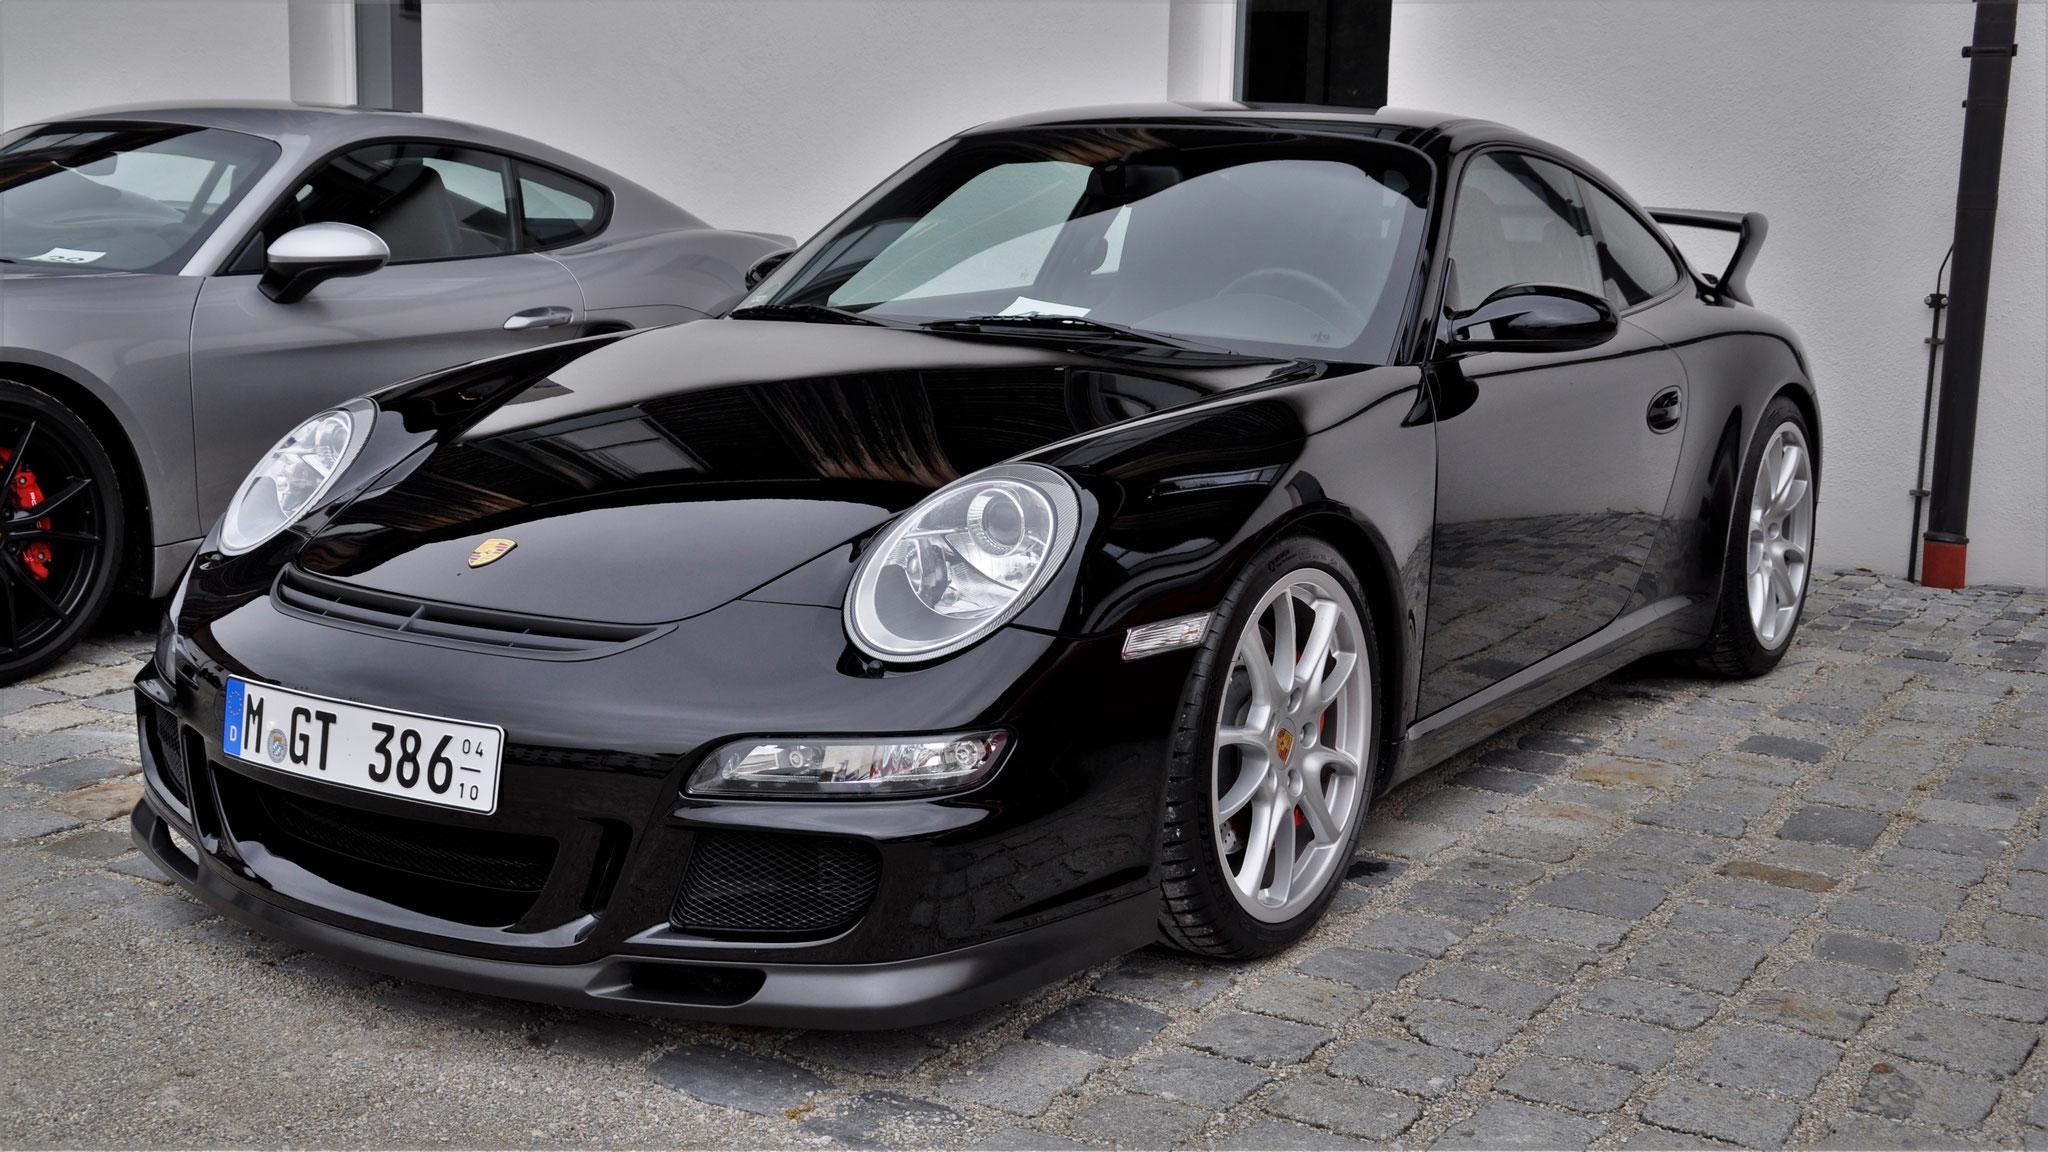 Porsche GT3 997 - M-GT-386